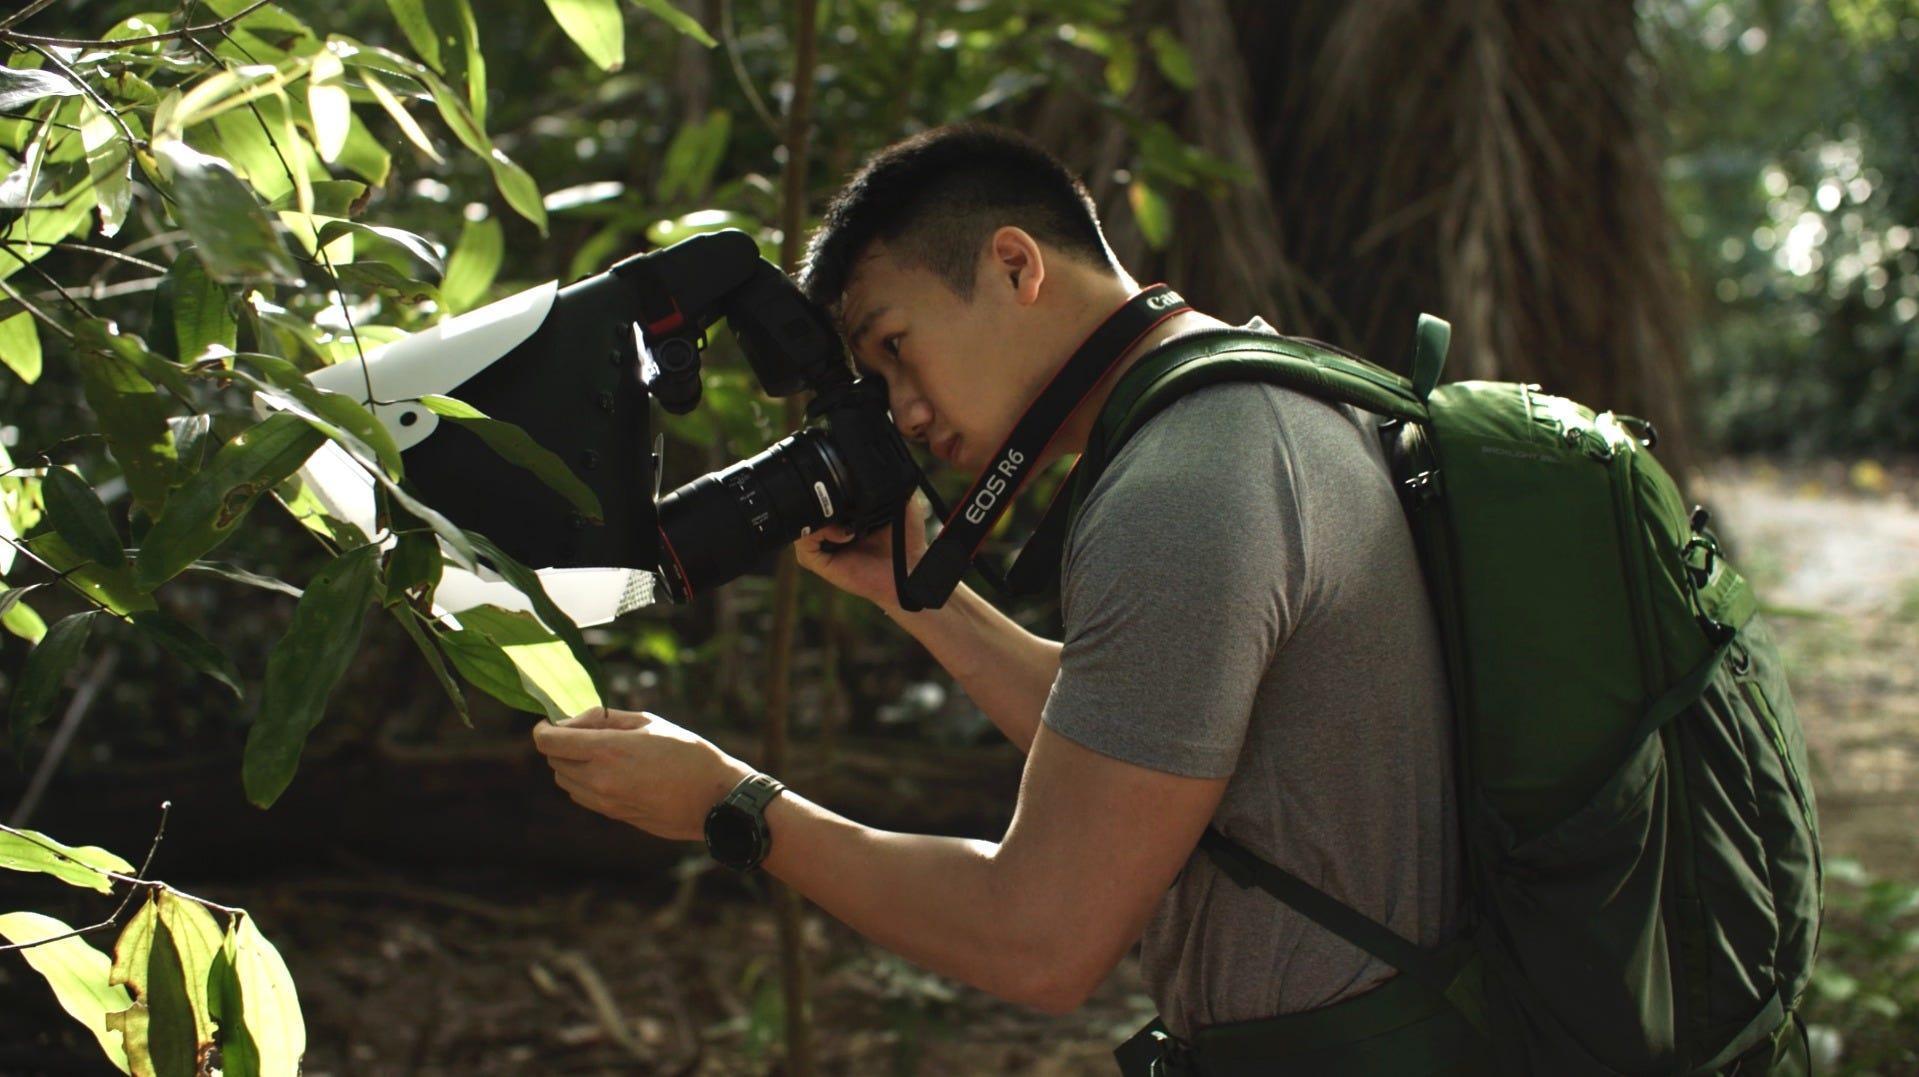 Lenz Lim shooting a garden spider on a big leaf